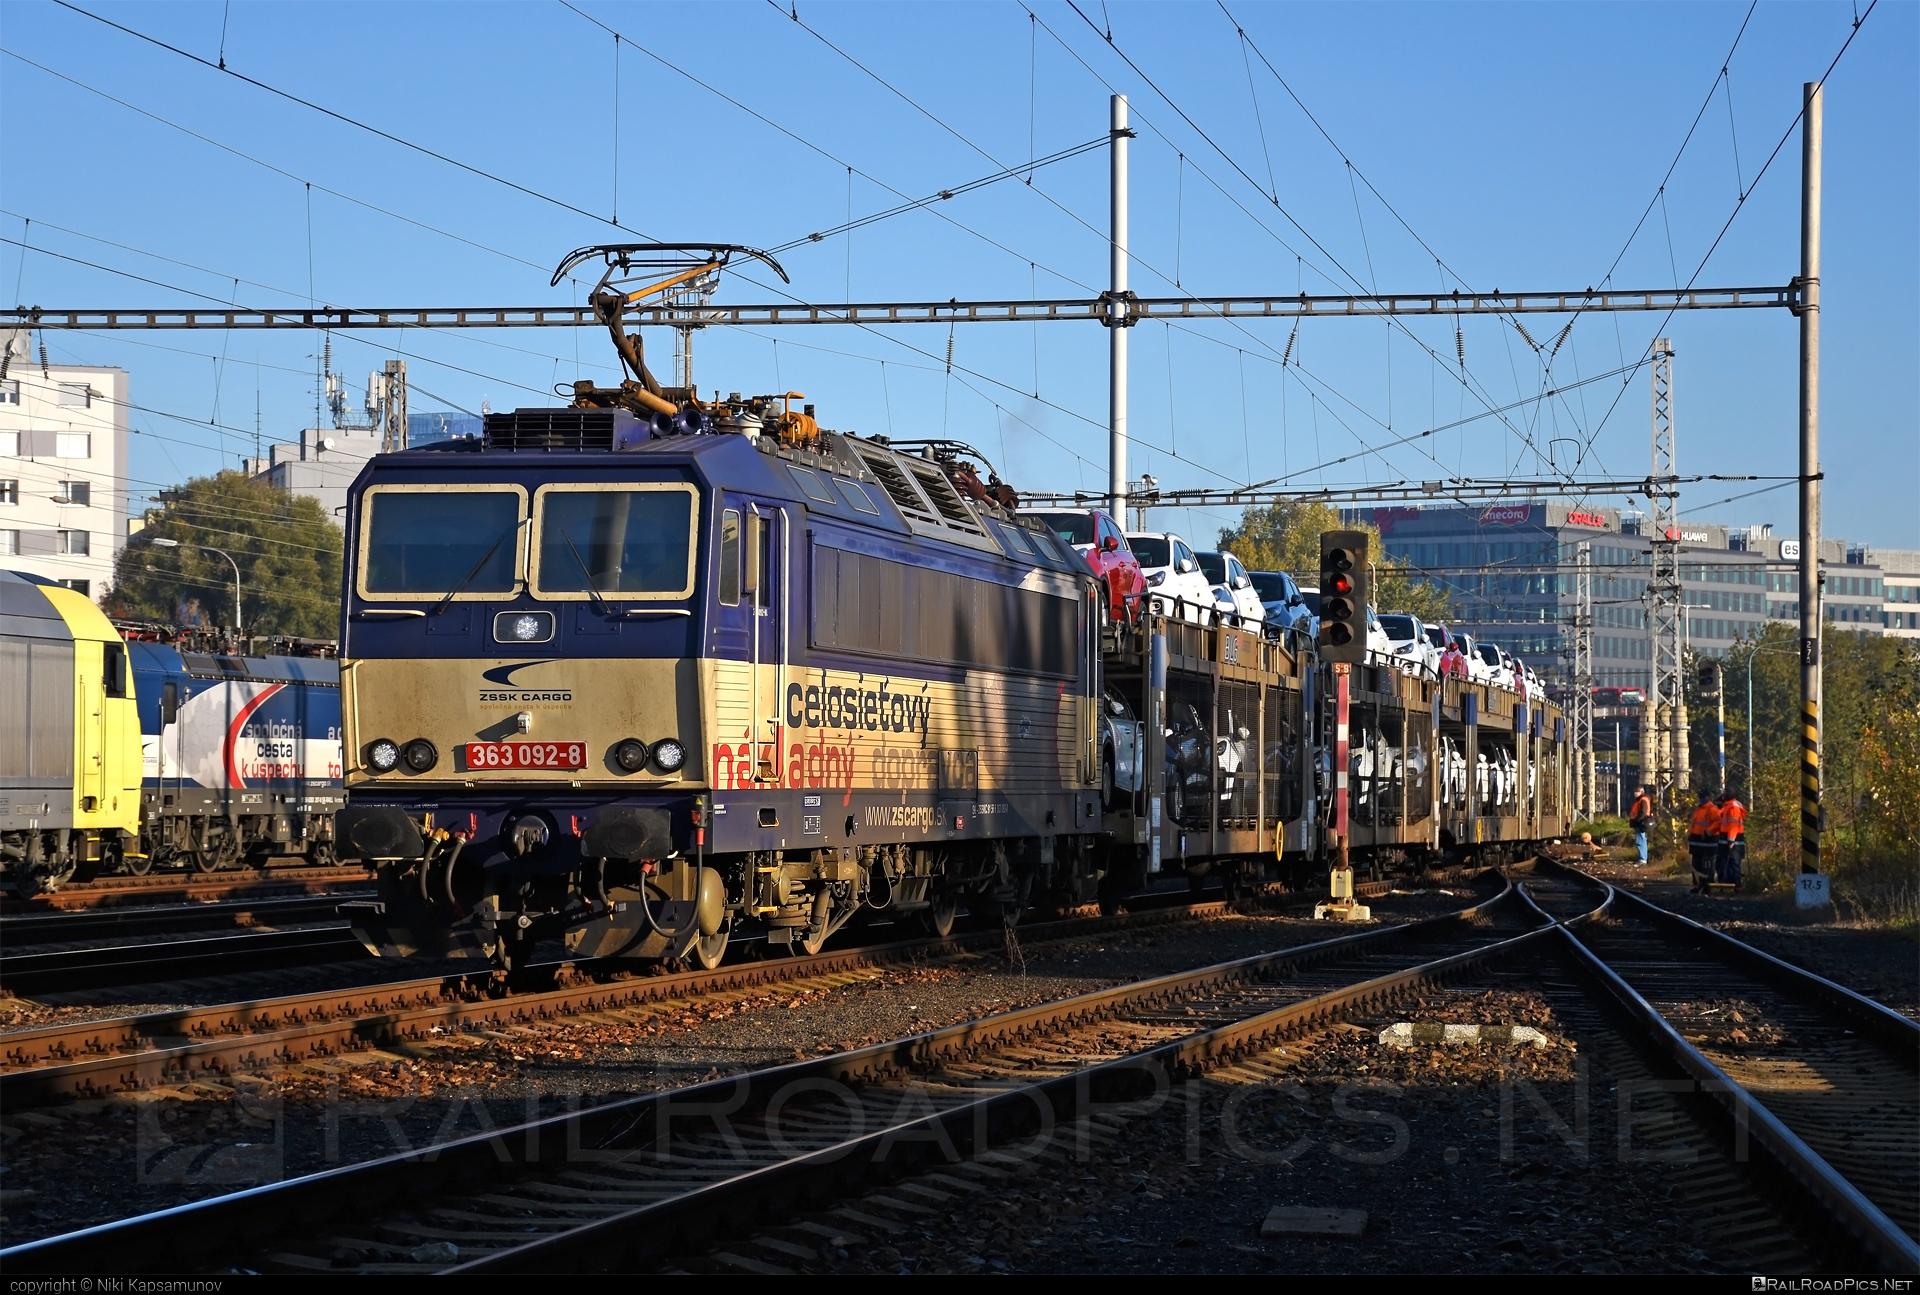 Škoda 69E - 363 092-8 operated by Železničná Spoločnost' Cargo Slovakia a.s. #ZeleznicnaSpolocnostCargoSlovakia #blg #carcarrierwagon #es4991 #eso #locomotive363 #skoda #skoda69e #zsskcargo